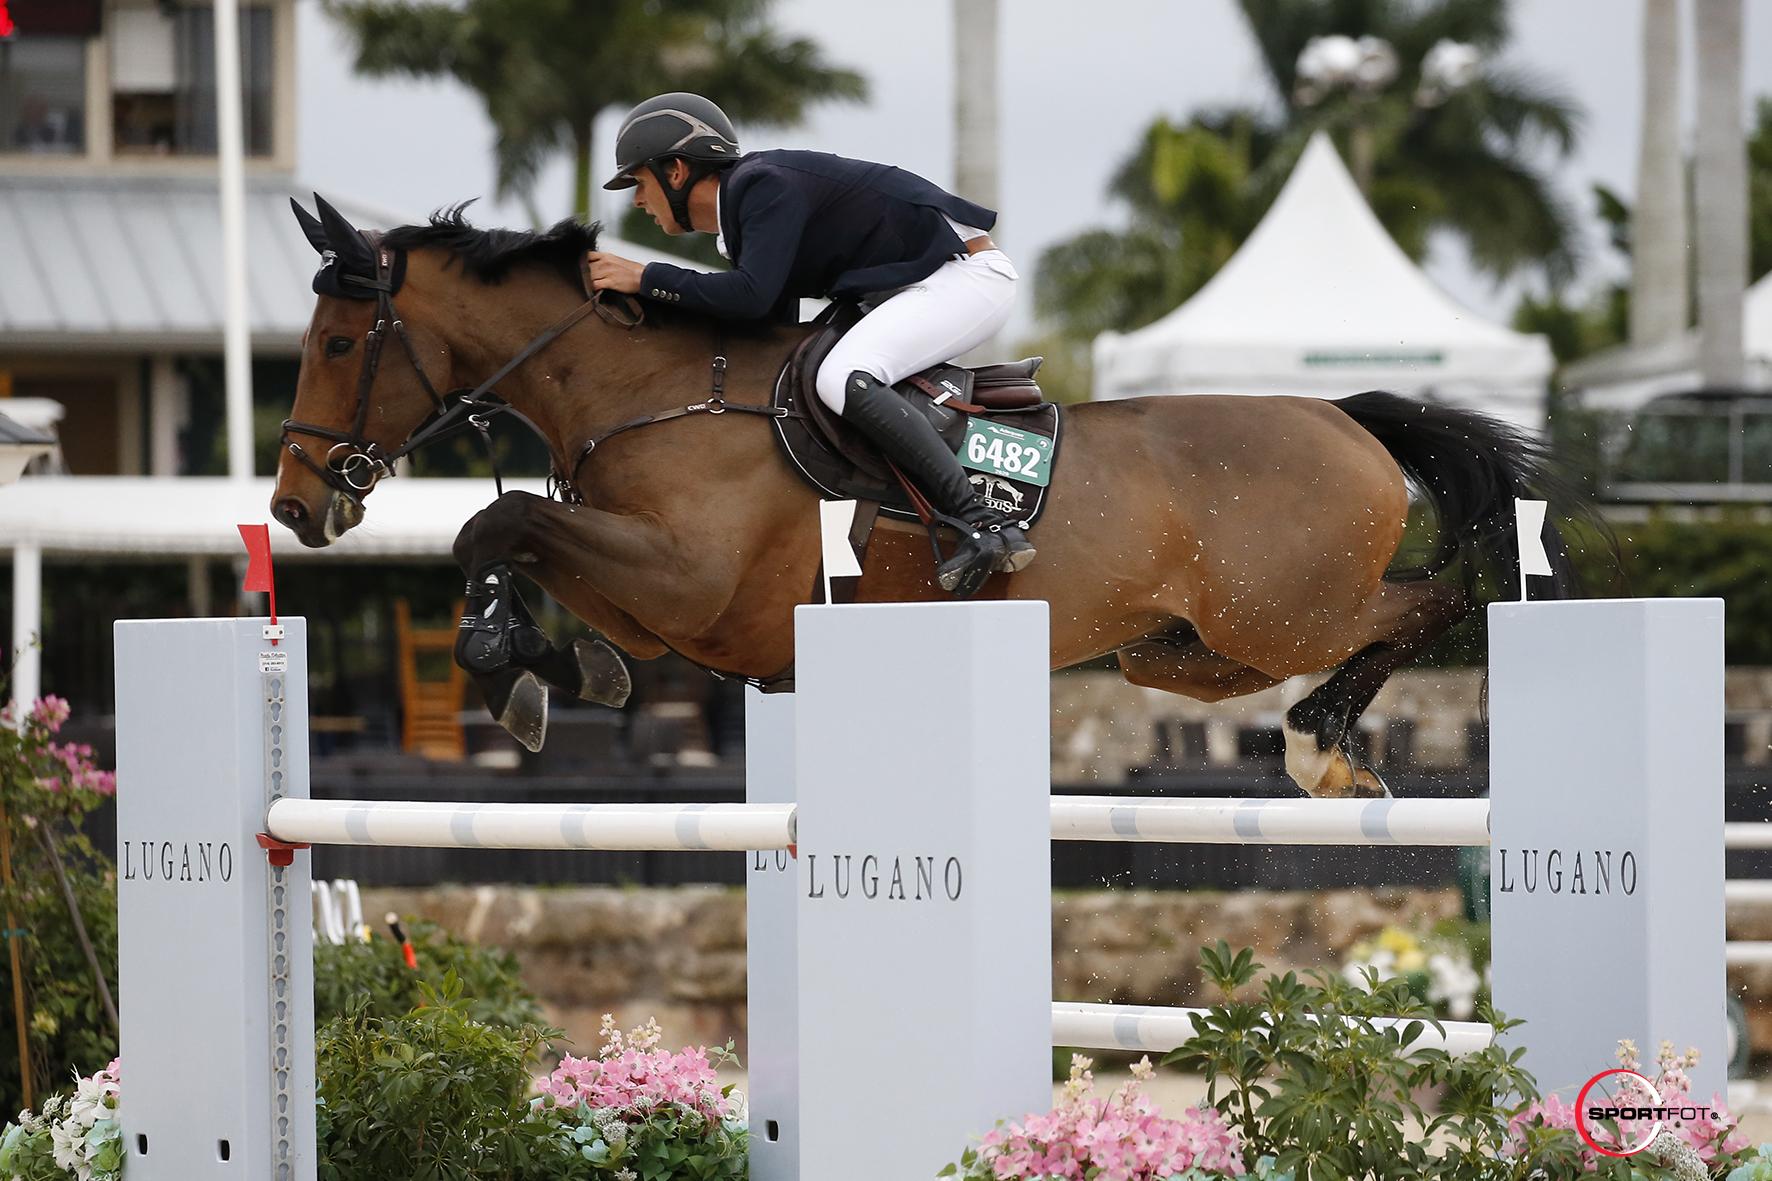 Bertram Allen and Lafayette van Overis by Sportfot 532_0835